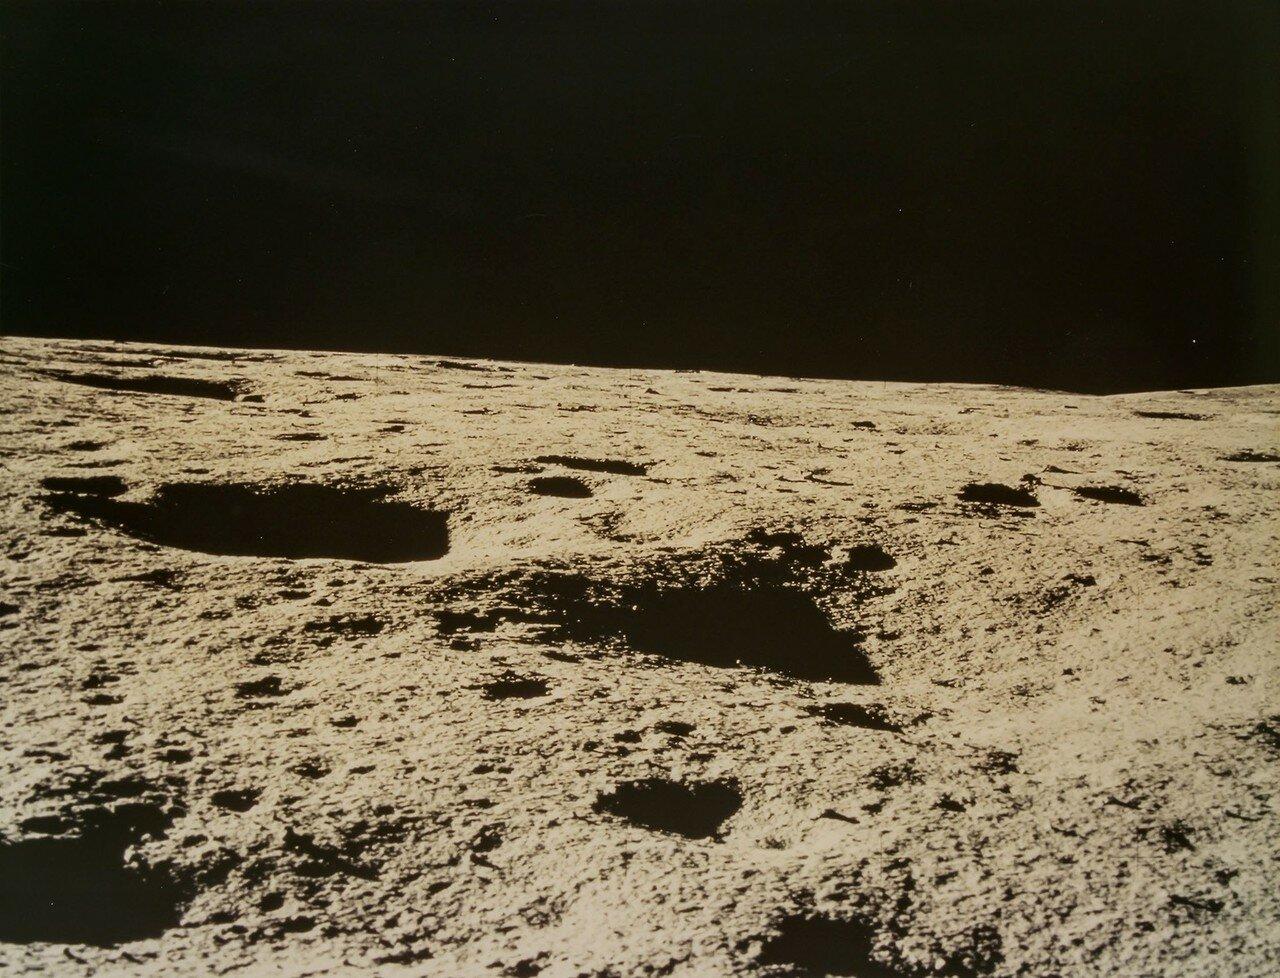 Посадка на Луну произошла 5 февраля 1971 года в 9 часов 18 минут 11 секунд GMT. Бортовое время посадки 108 часов 55 минуты 13 секунд. На снимке: Лунный пейзаж в районе Фра Мауро